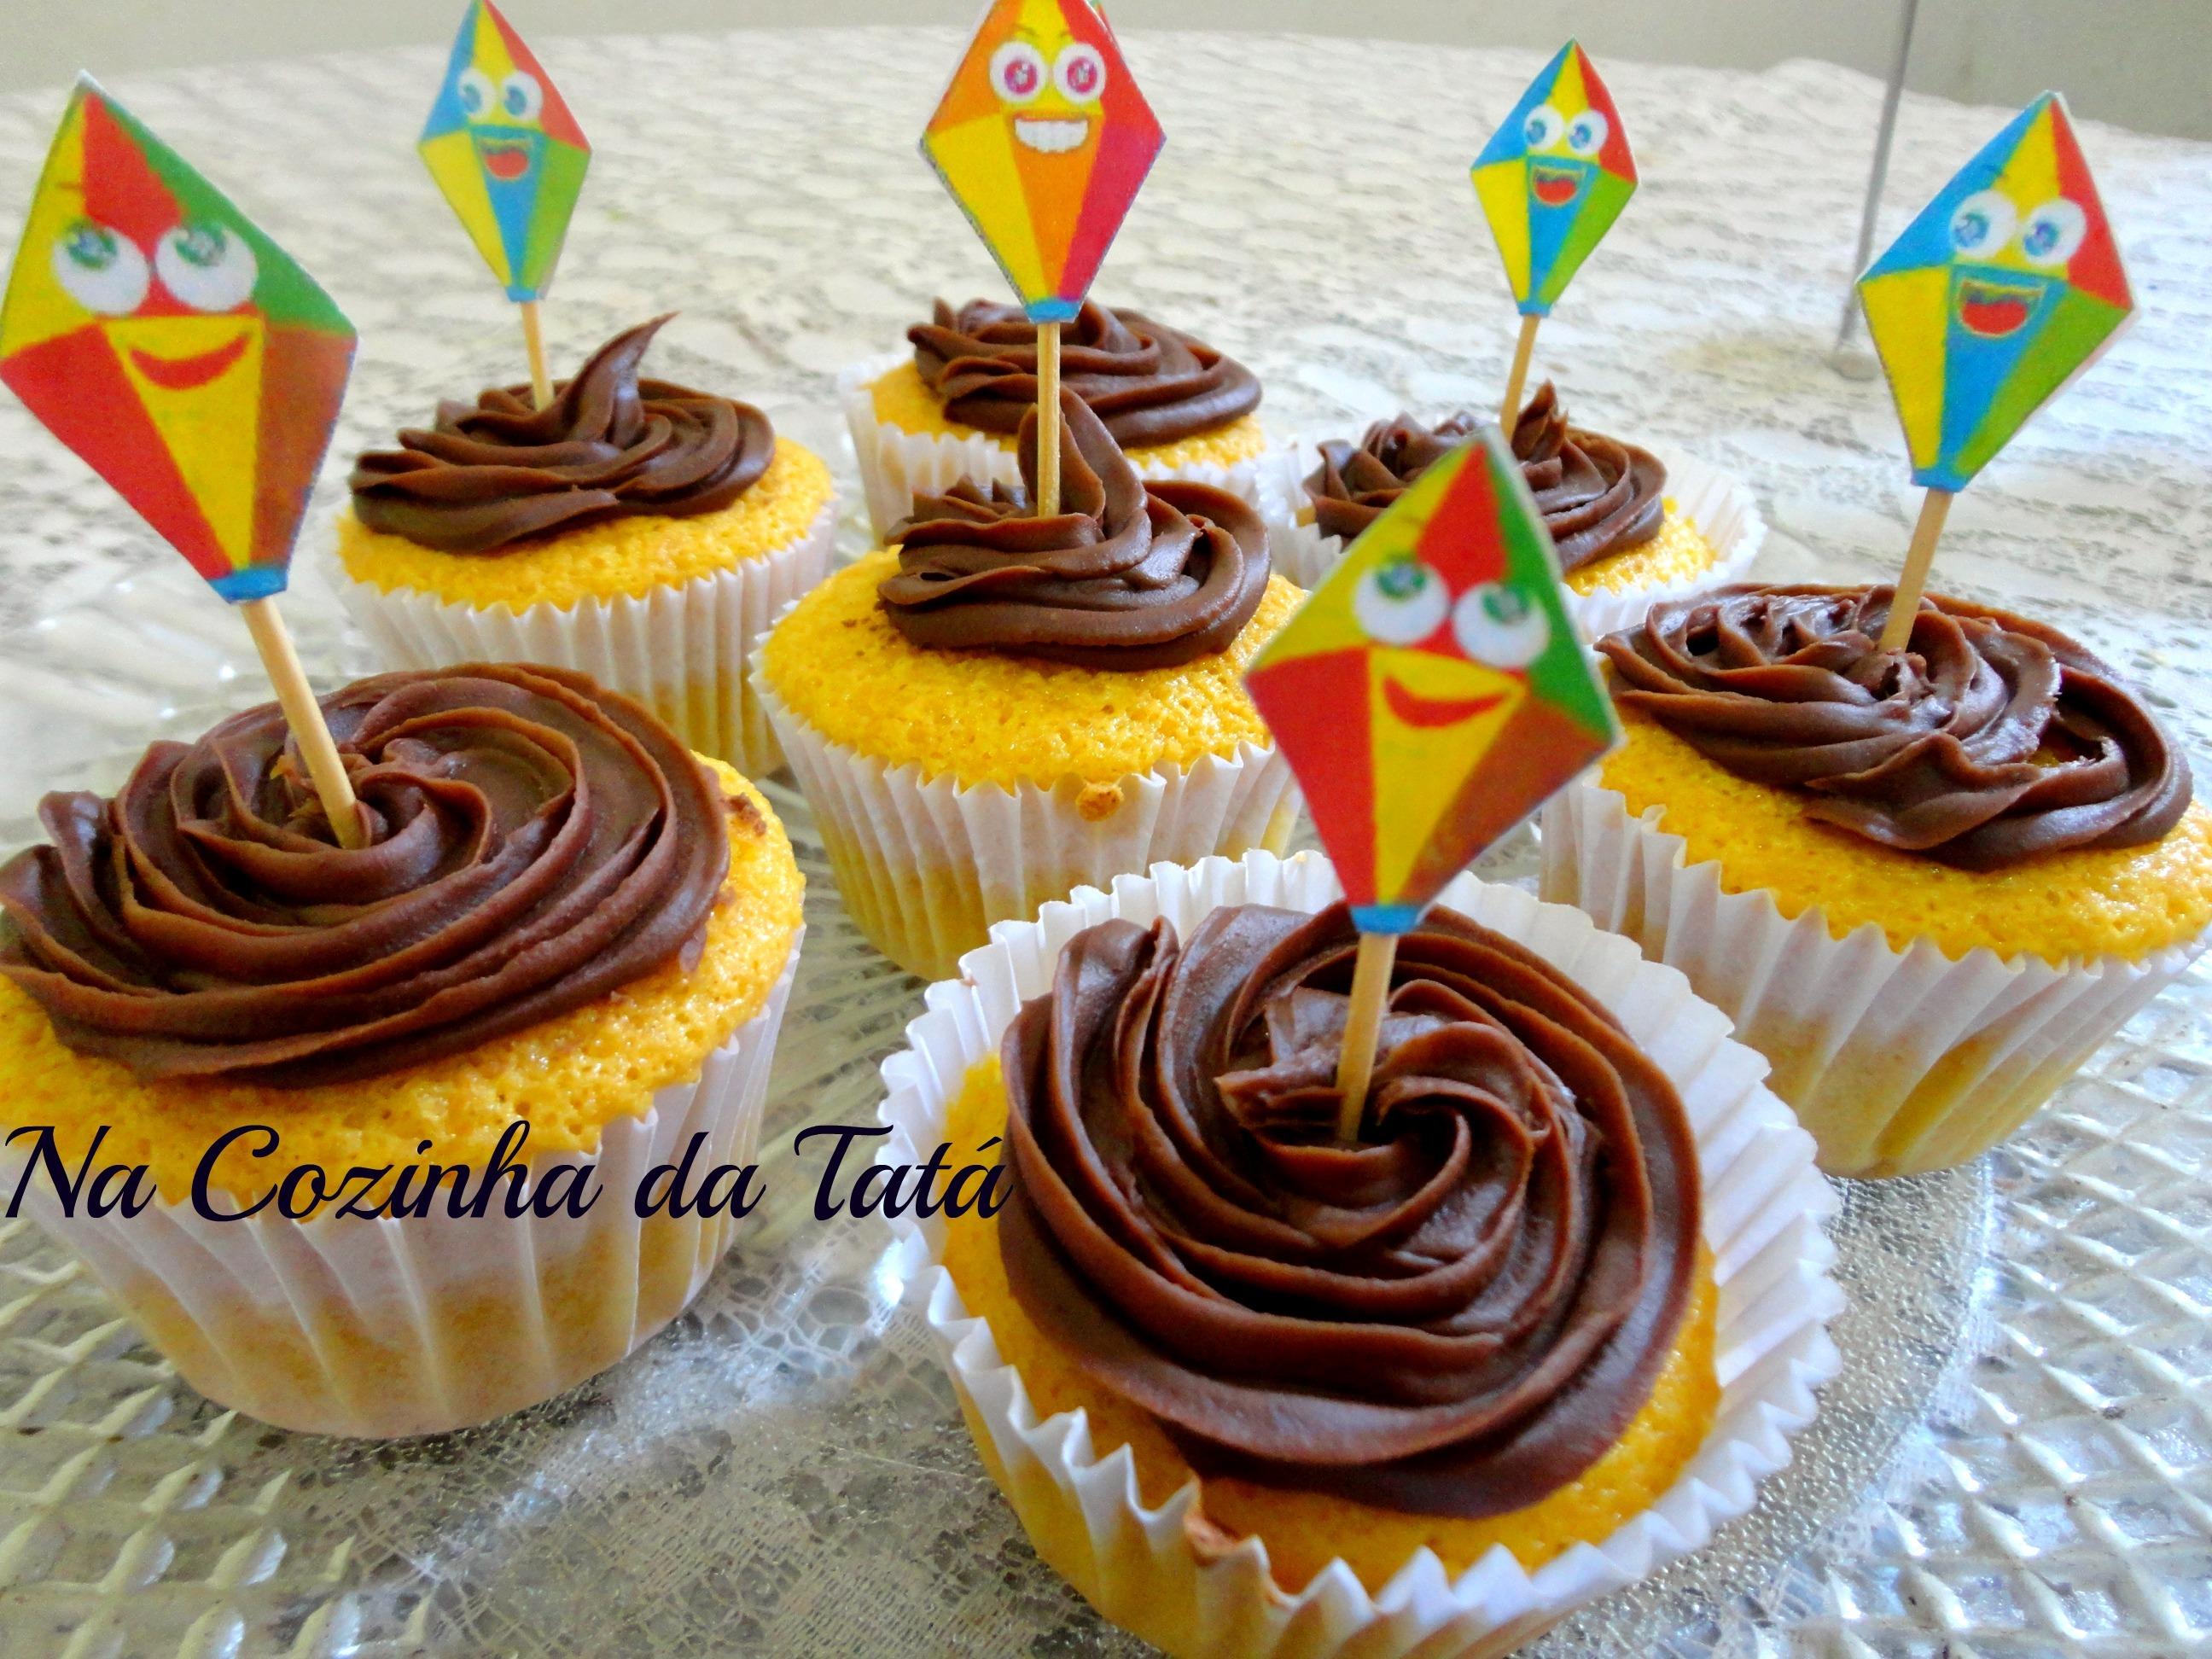 Cupcake de Cenoura com Ganache